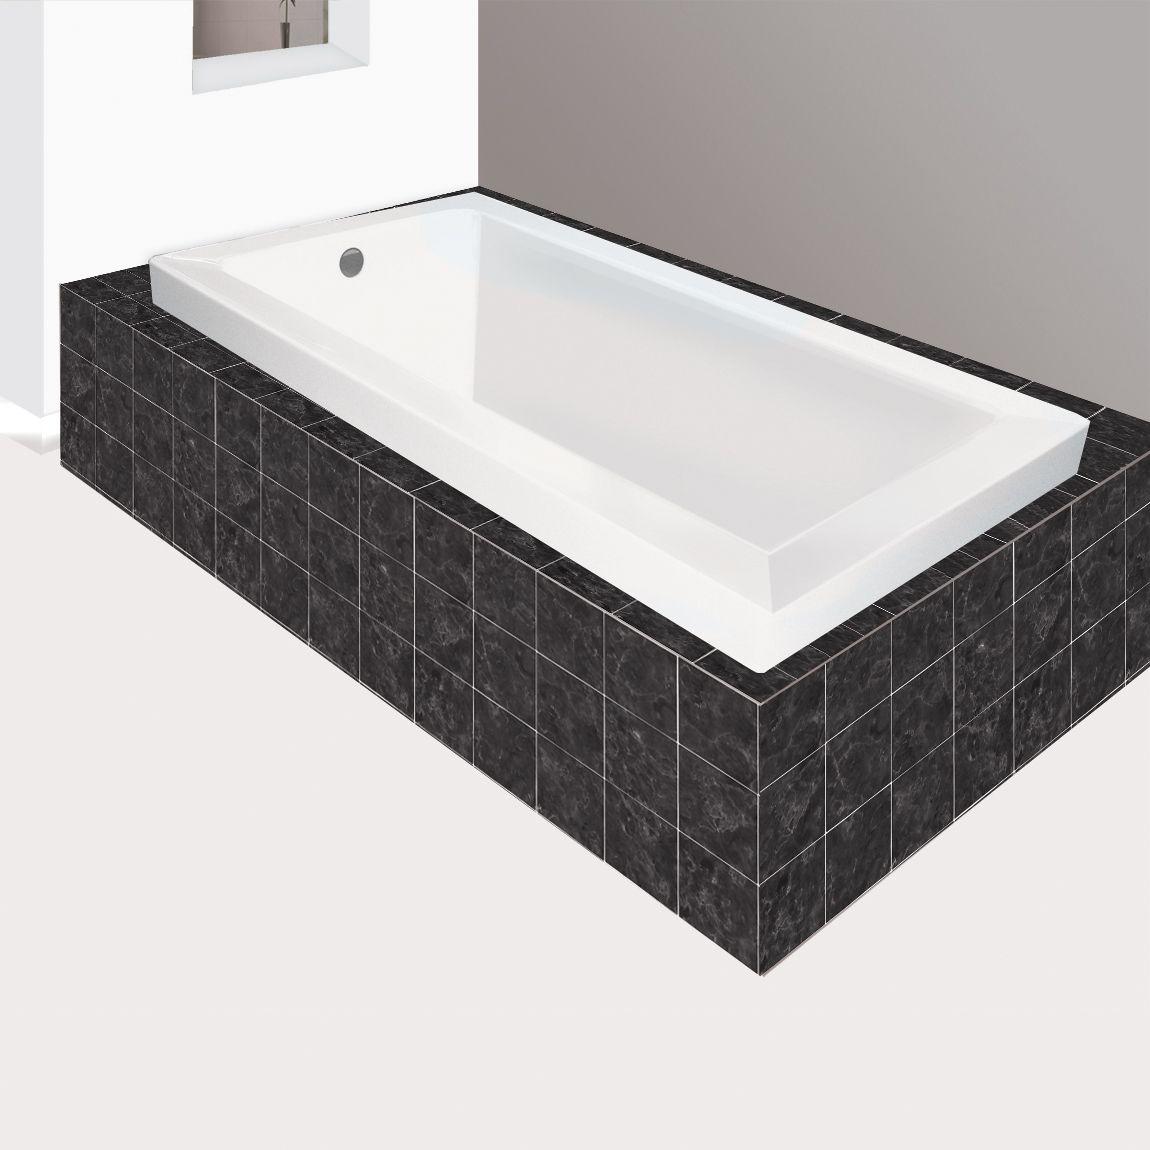 Shop Jade Bath BLW1023-6 Signature Portland Podium Soaker Tub at ...